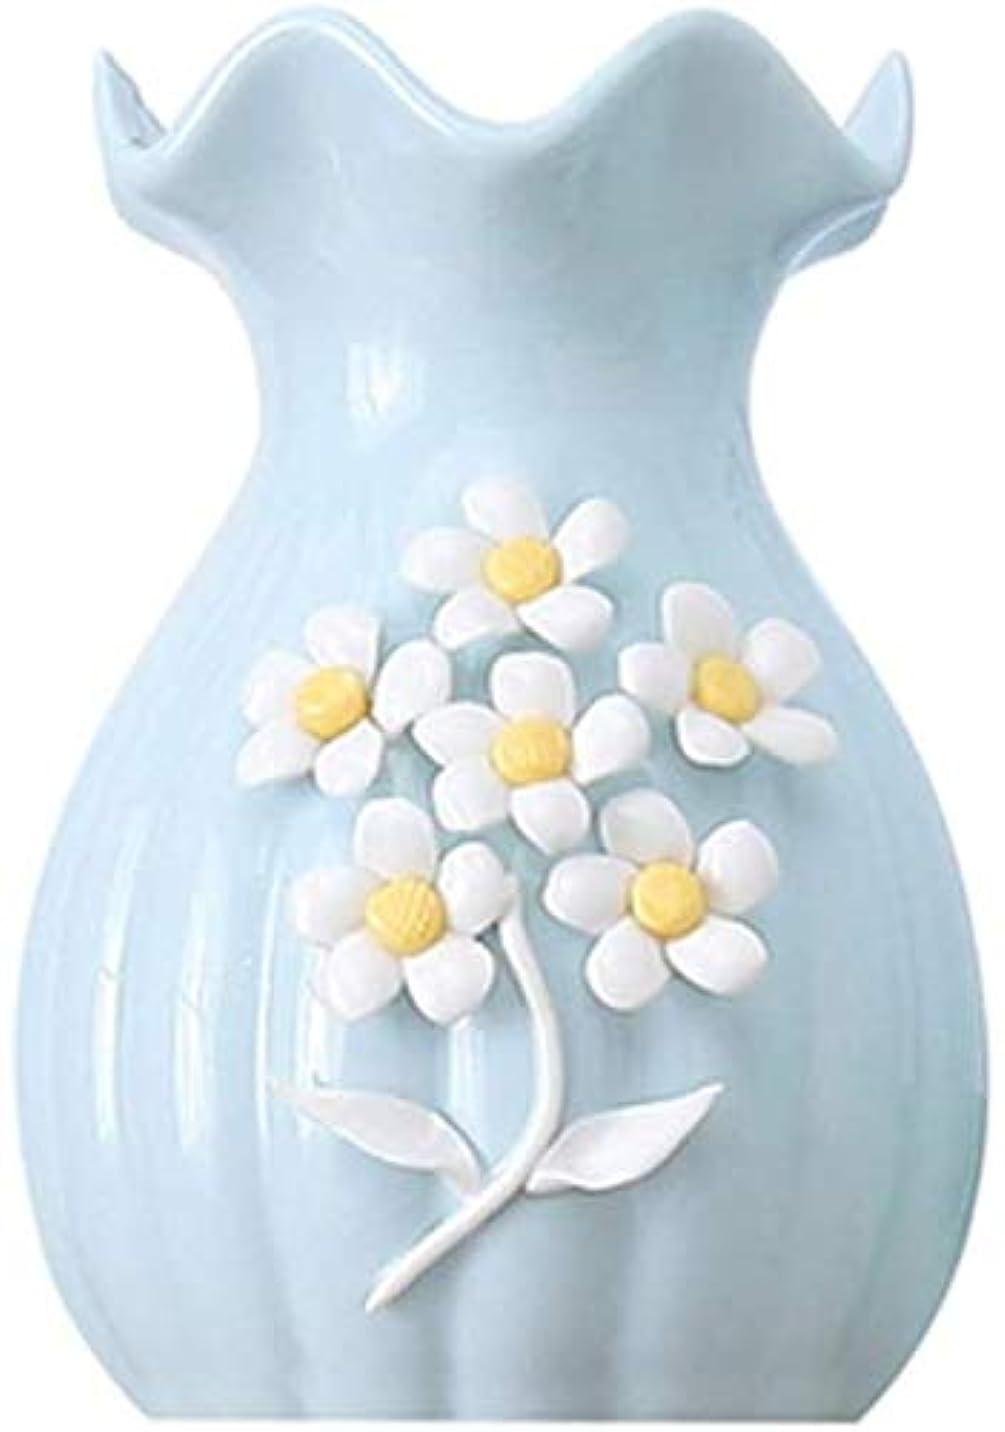 アルコールマトリックス大きい花器 セラミック花瓶シンプルな装飾花瓶小さな飾りクリエイティブホーム家具ブルー塗装工場水耕17 * 11センチメートル 花瓶